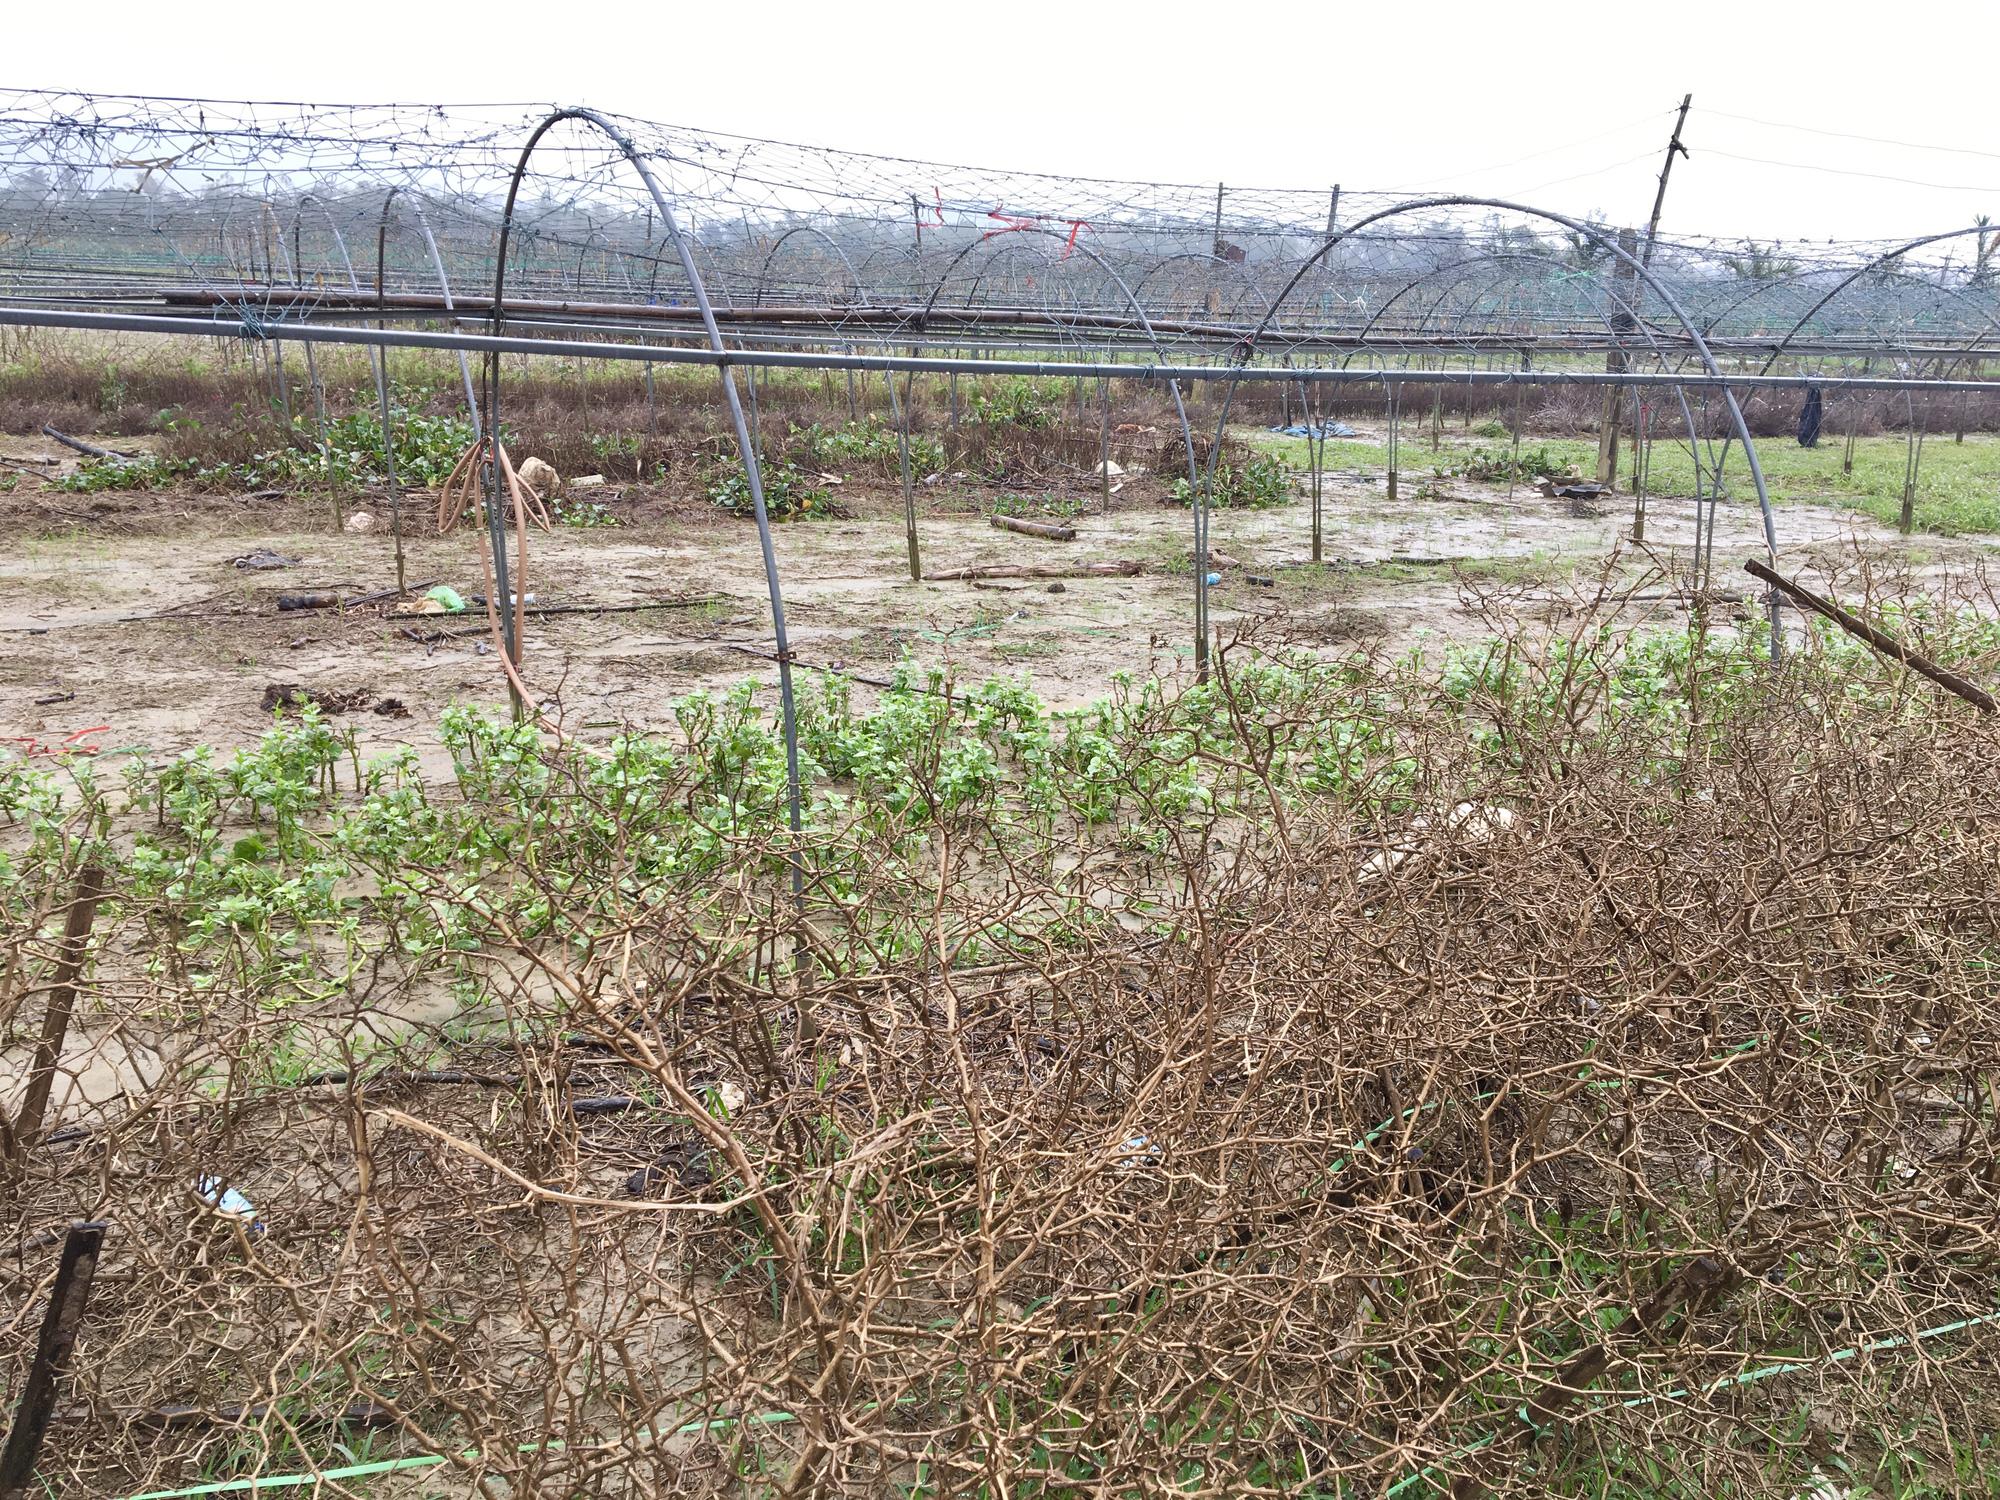 Đà Nẵng: Nông dân trồng rau thấp thỏm tái sản xuất sau mưa lũ dồn dập - Ảnh 5.